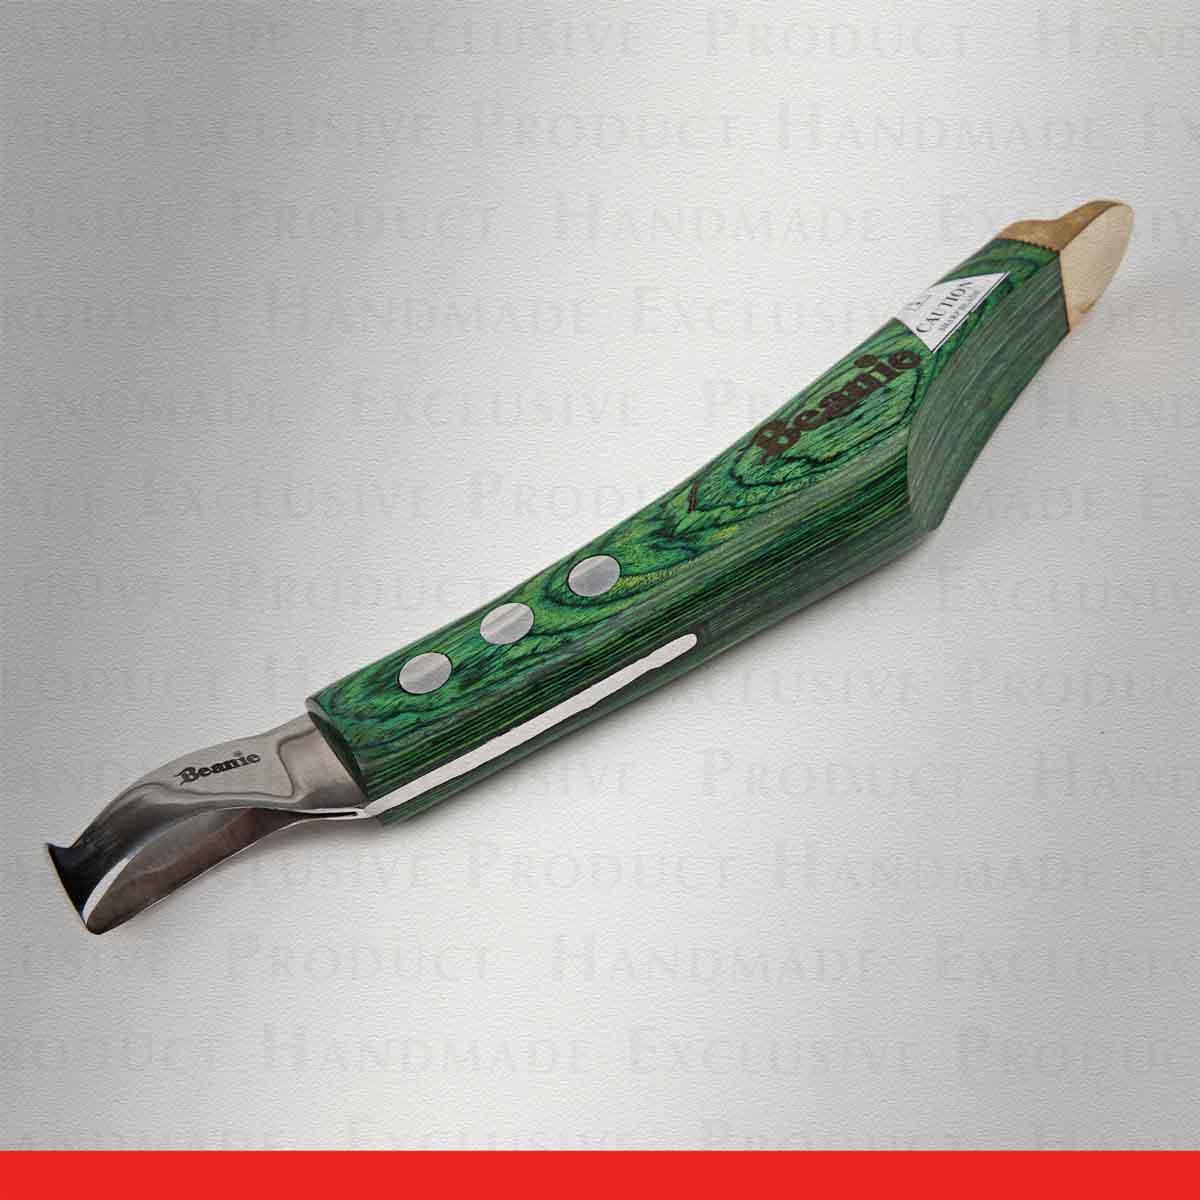 Steven Beane Loop Knives